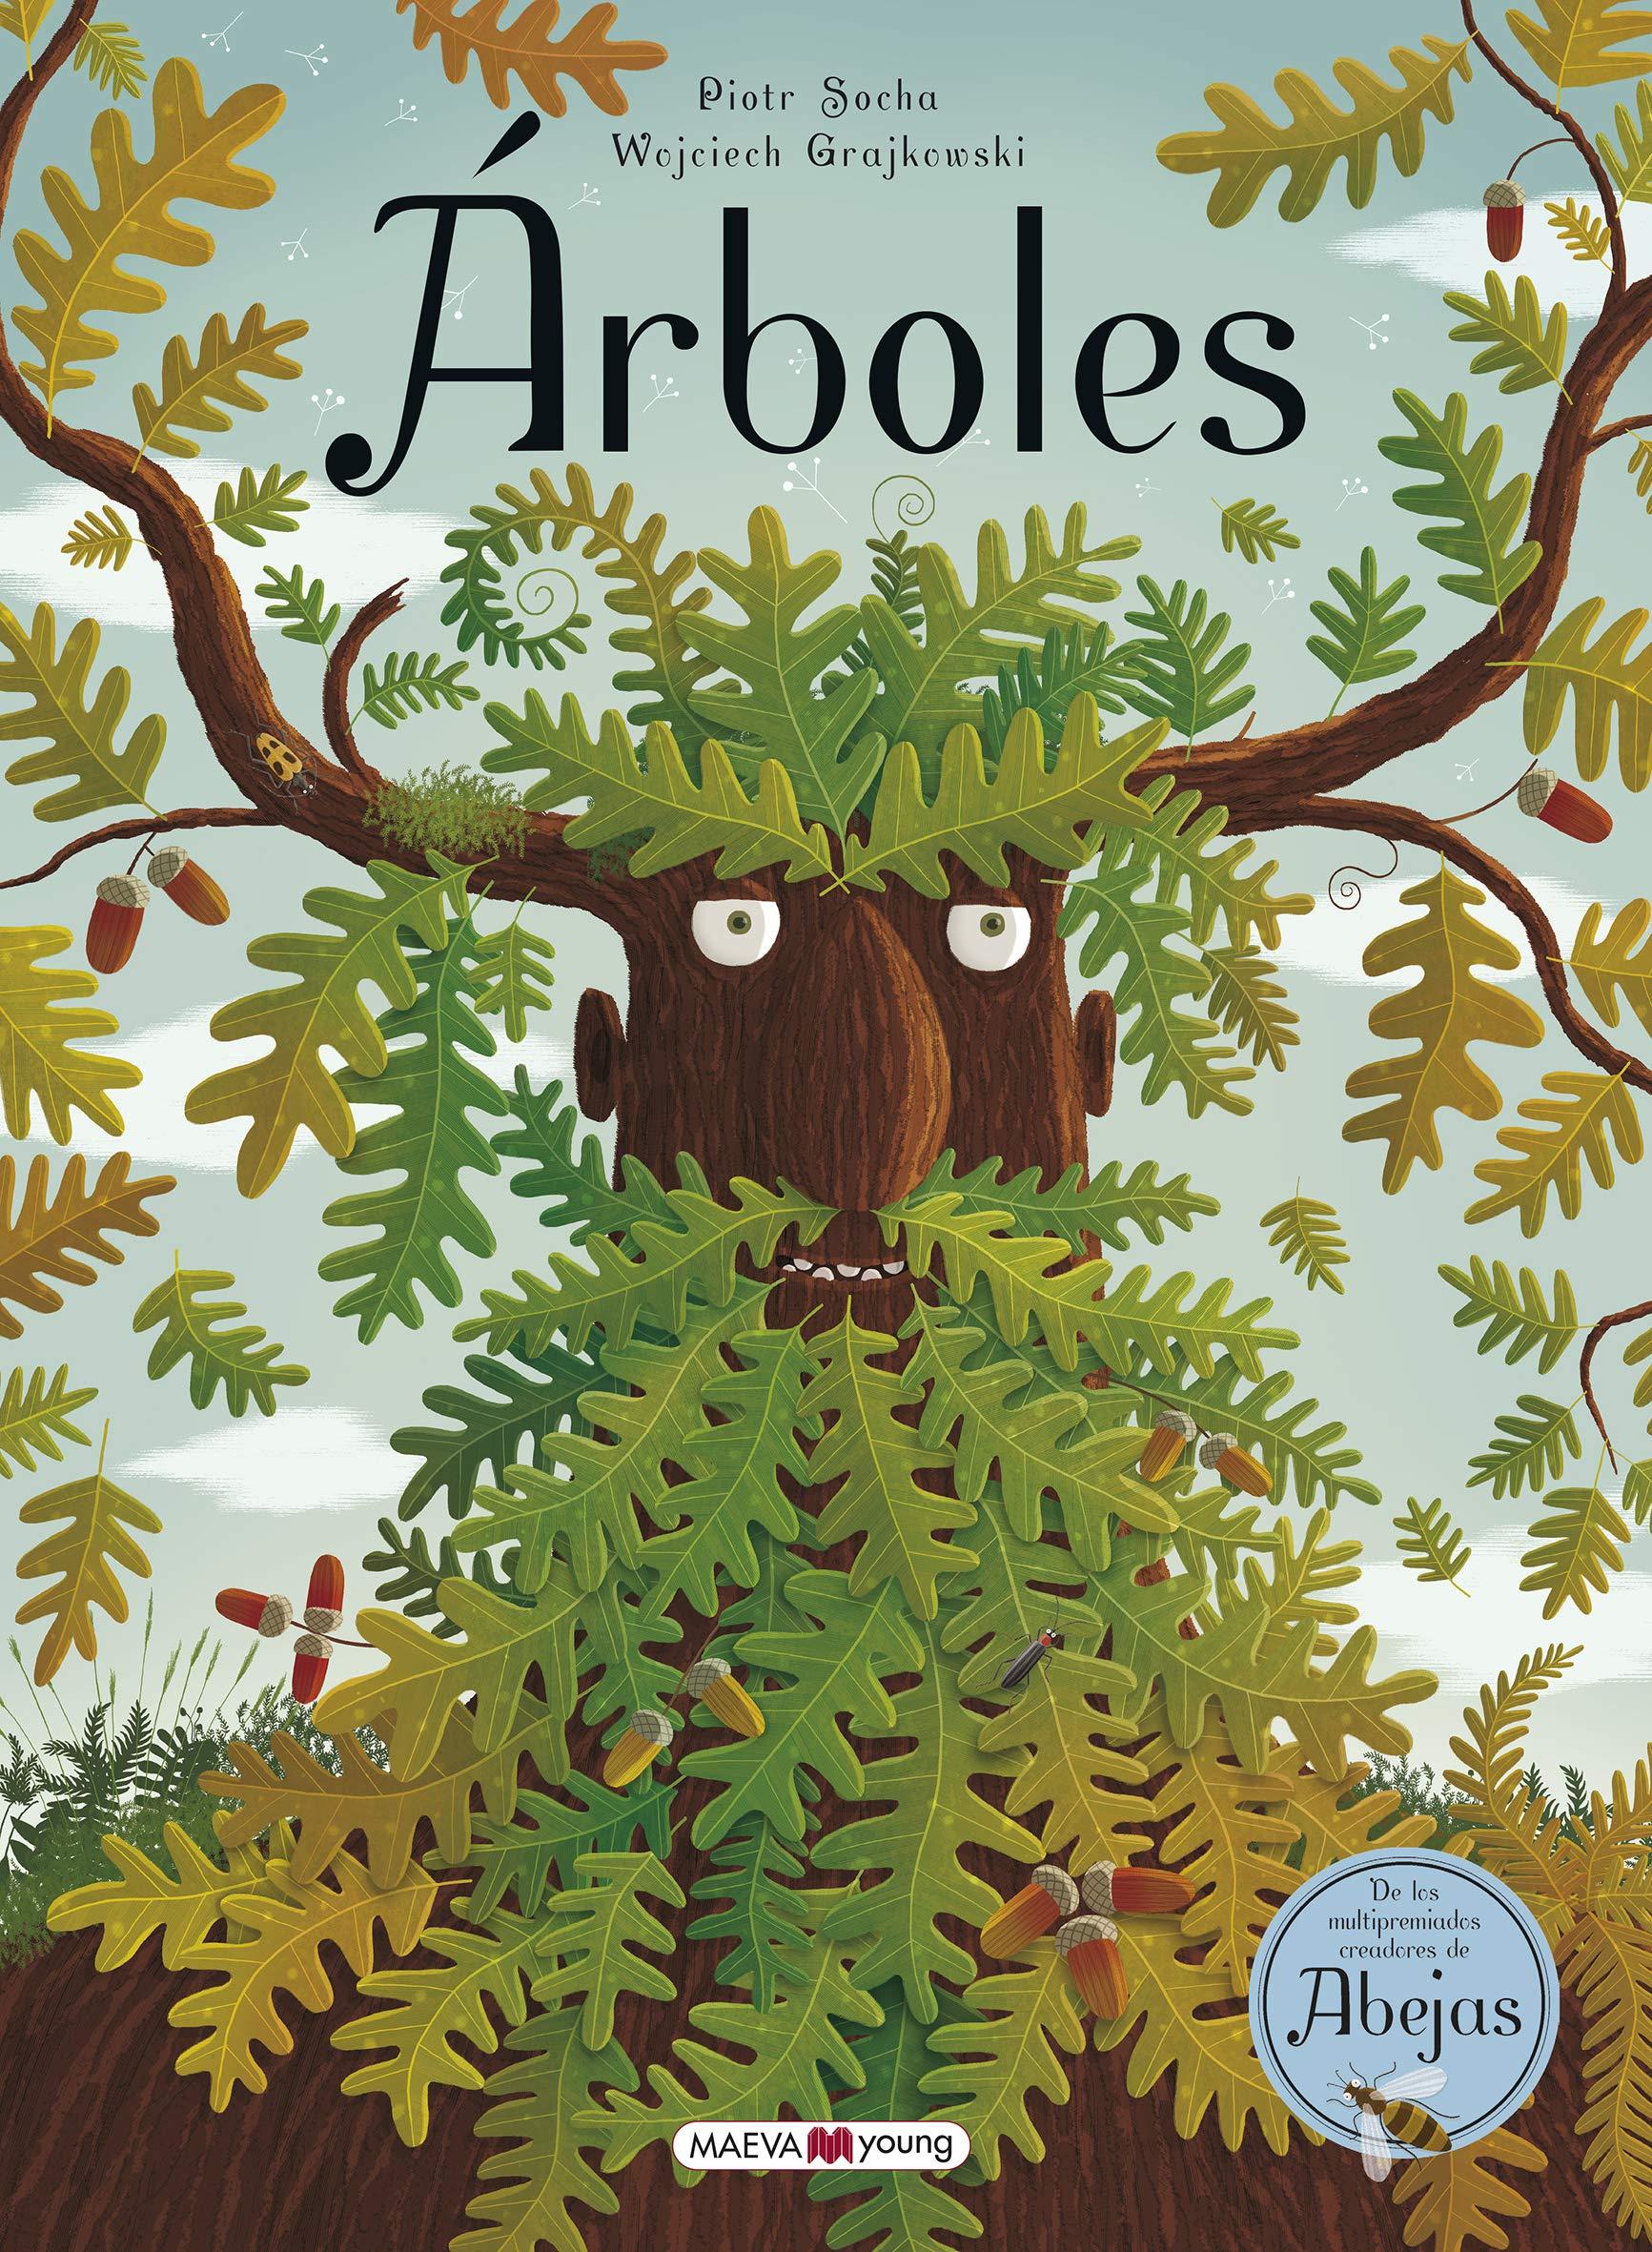 Árboles (Libros para los que aman los libros): Amazon.es: Socha, Piotr, Moloniewicz, Katarzyna, Murcia Soriano, Abel Antolín: Libros